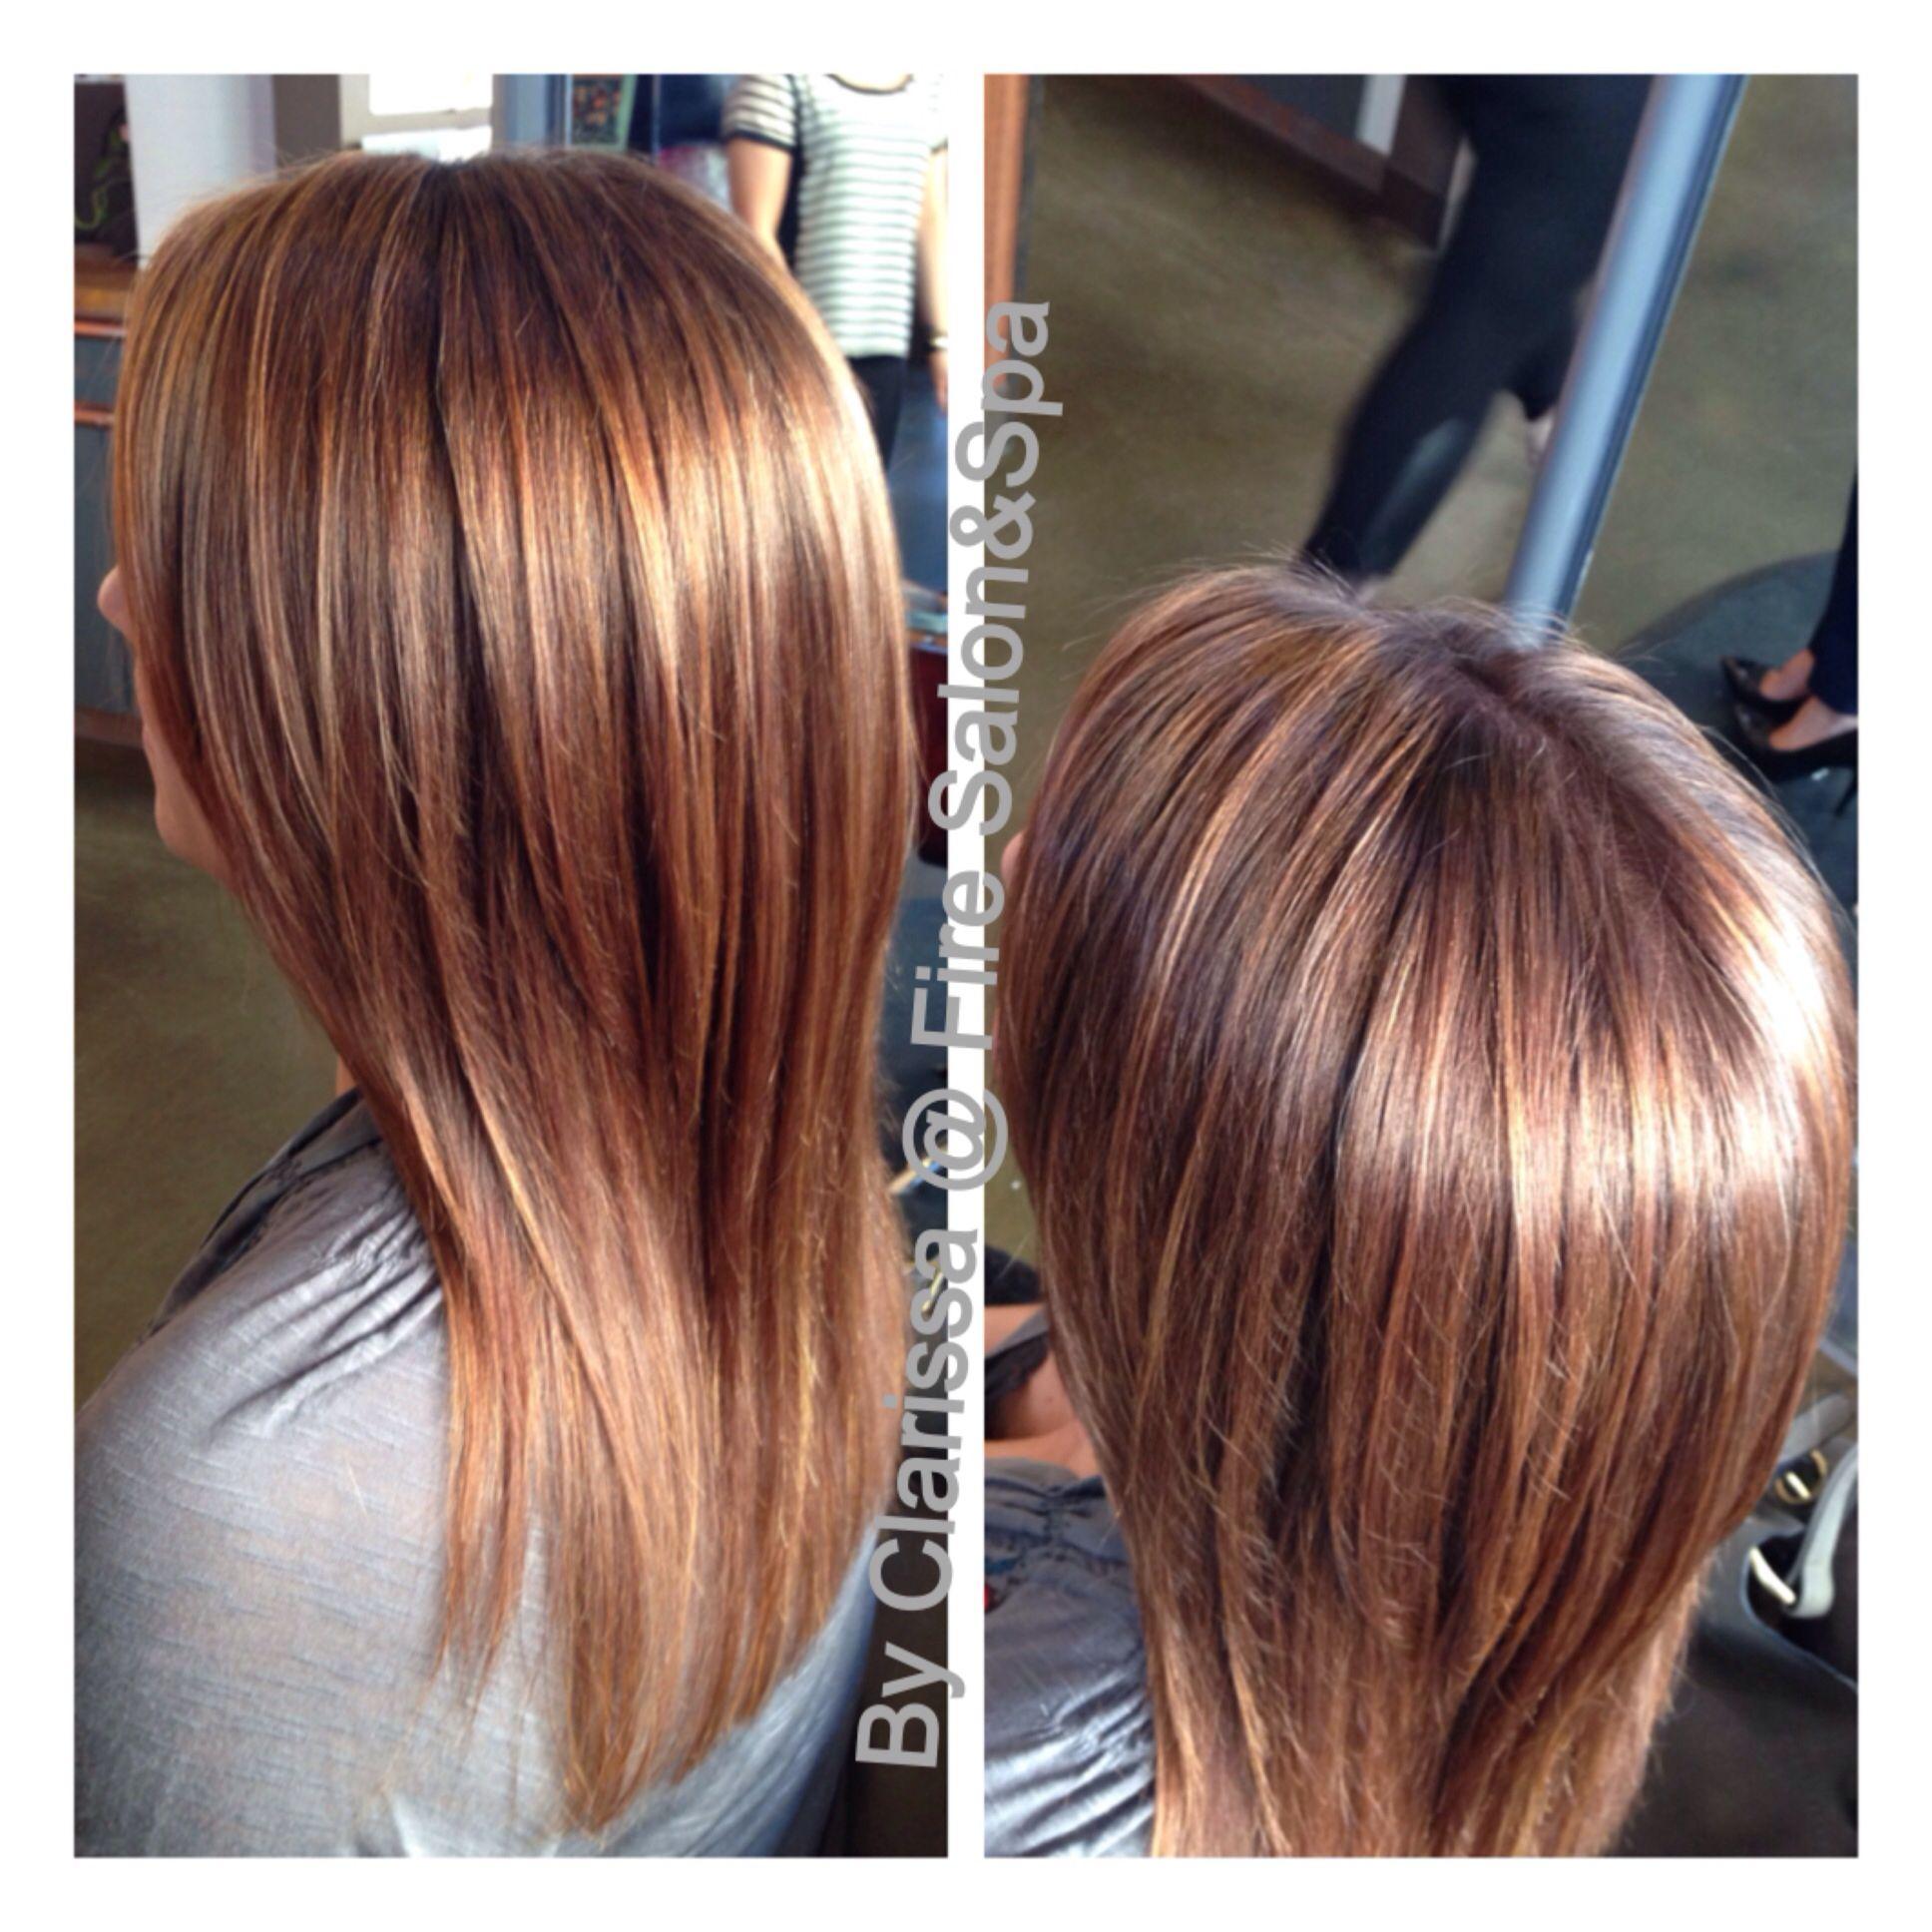 Hair By Clarissa Whitmire Chestnut Brown Hair With Golden Blonde